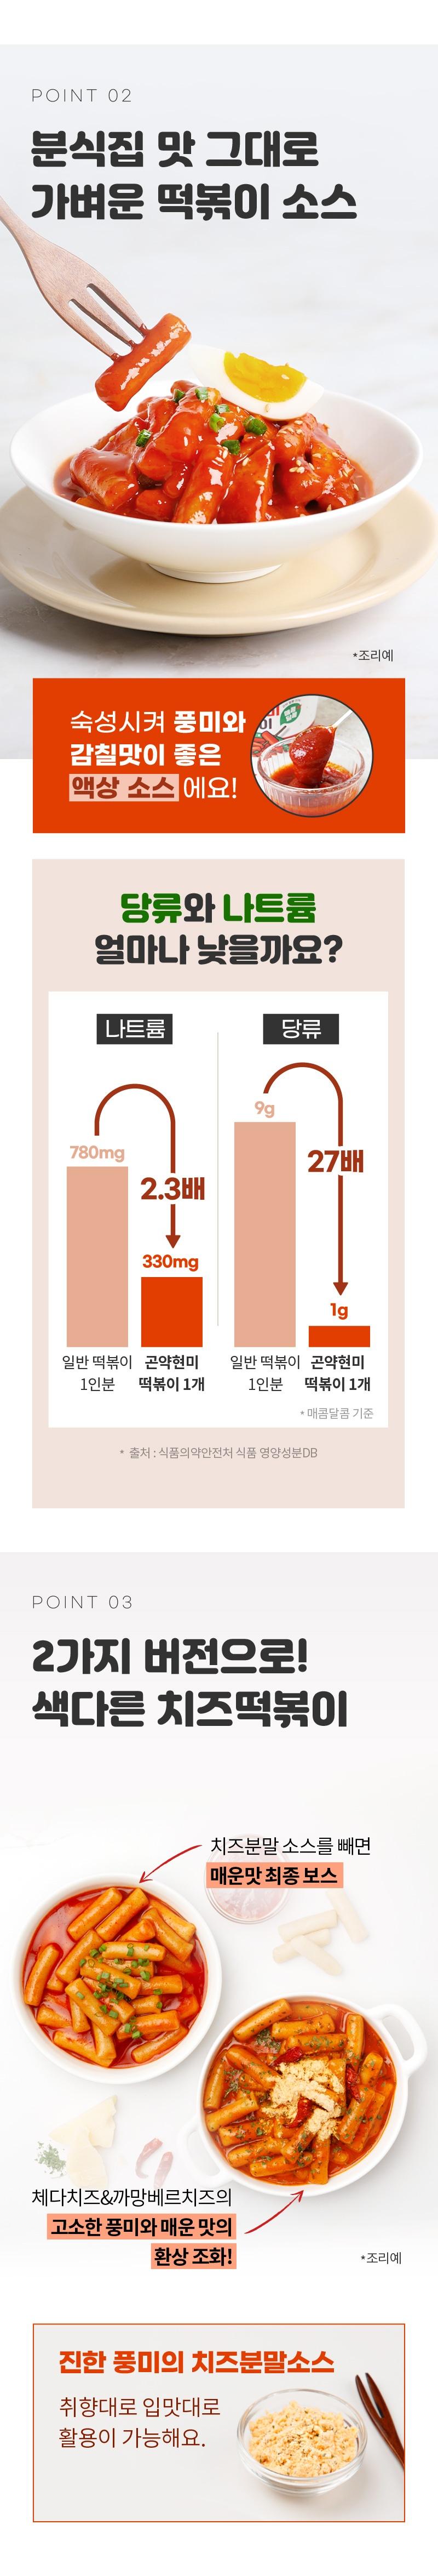 곤약현미 떡볶이 매운치즈 체험단 모집 (07.14~07.28)